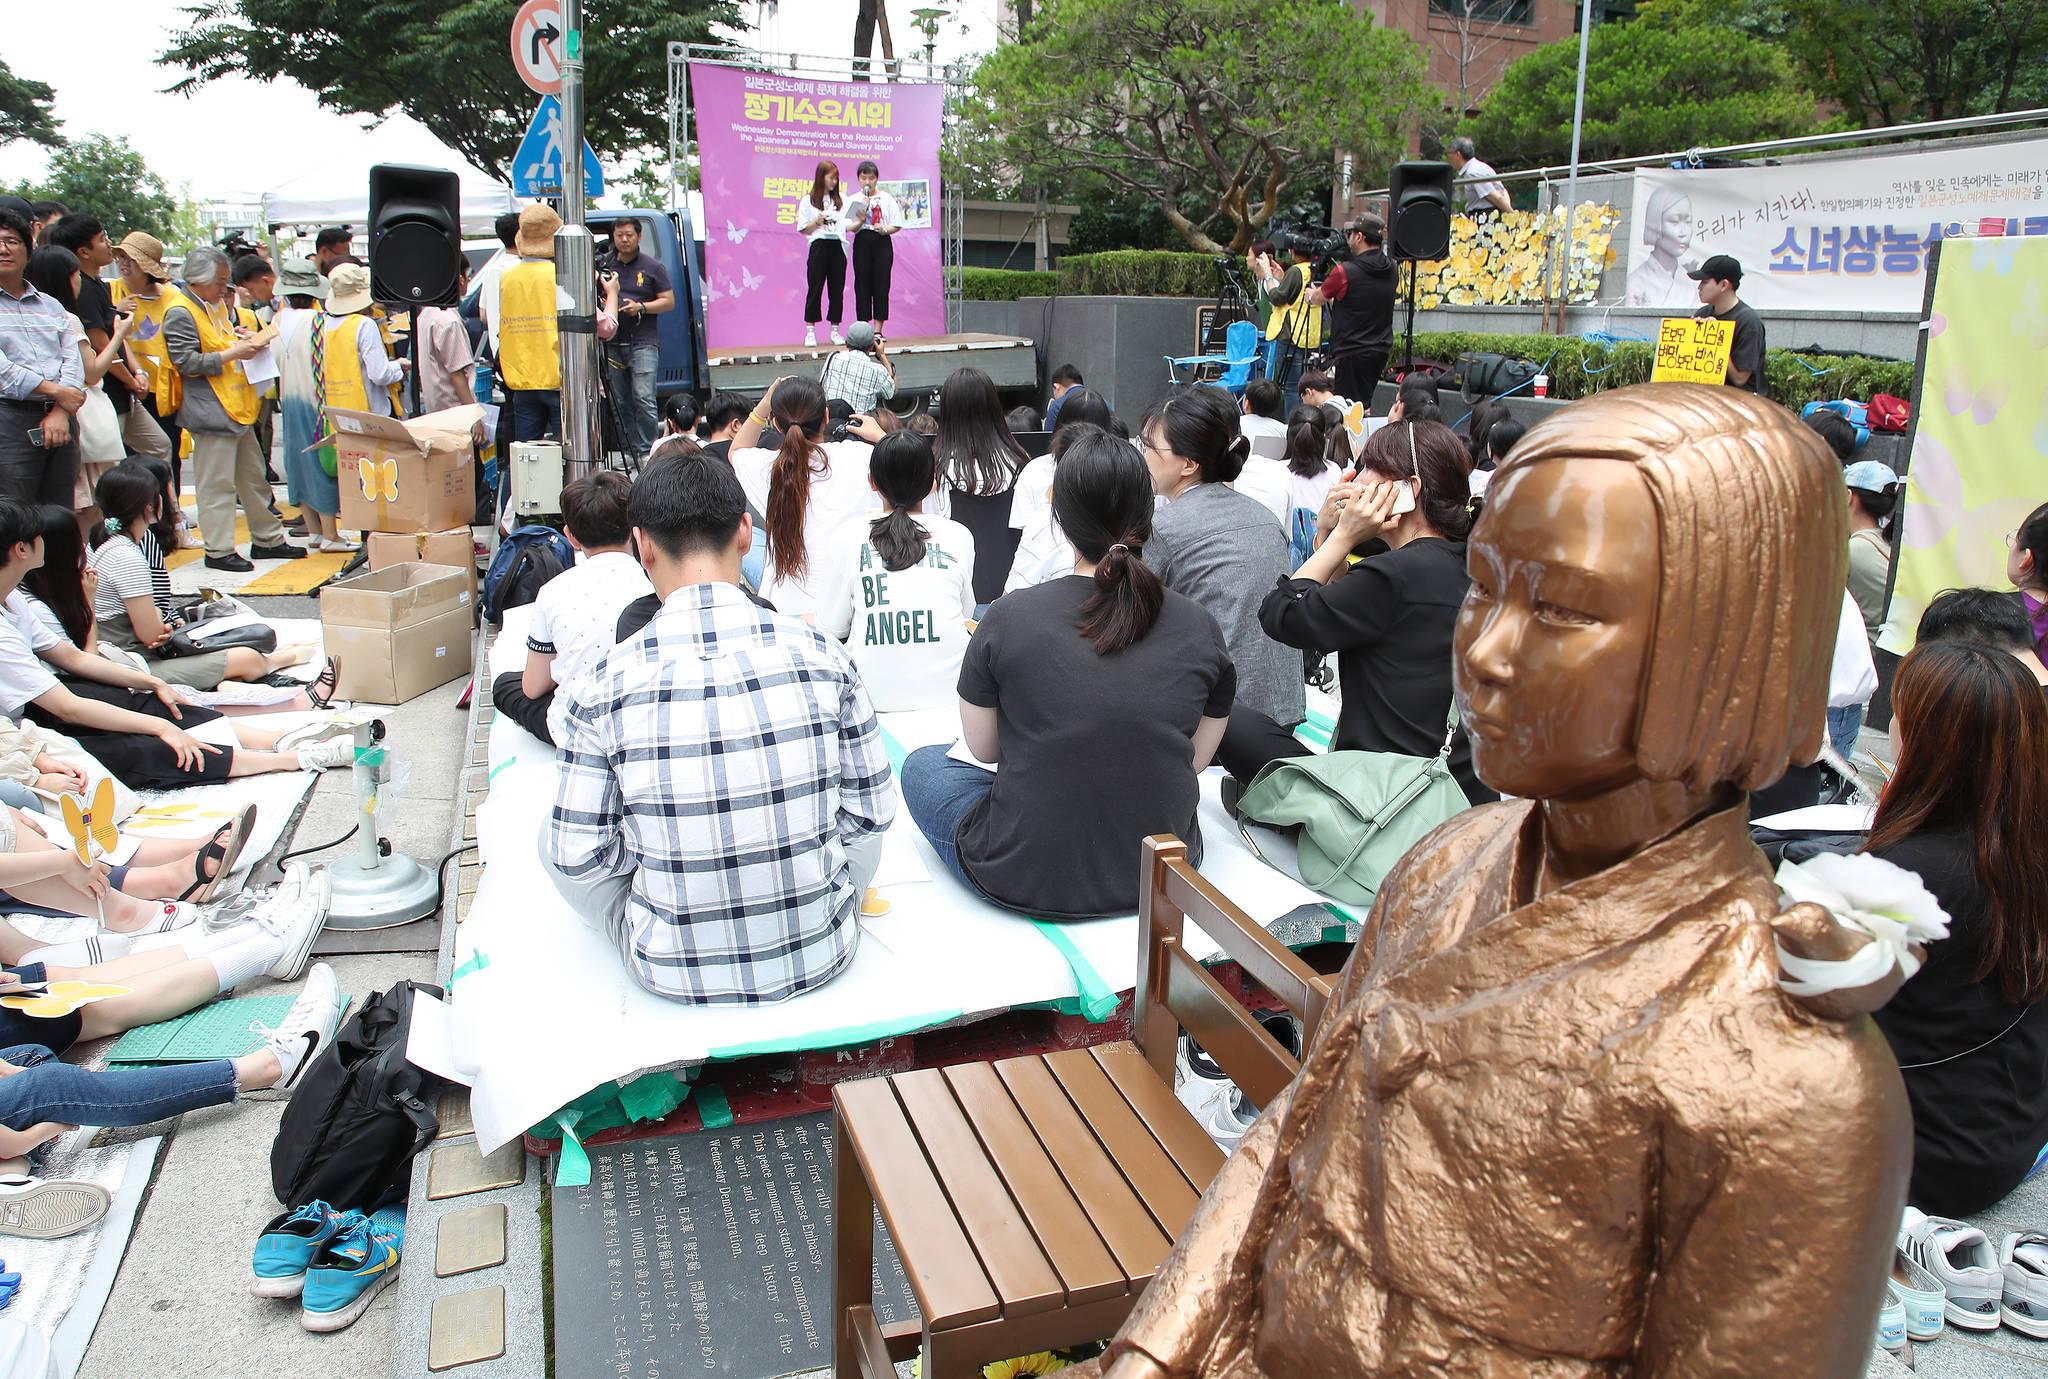 지난달 서울 종로구 중학동 일본대사관 앞에서 제1341차 일본군 성노예 문제 해결을 위한 정기시위가 열리고 있다. [연합뉴스]